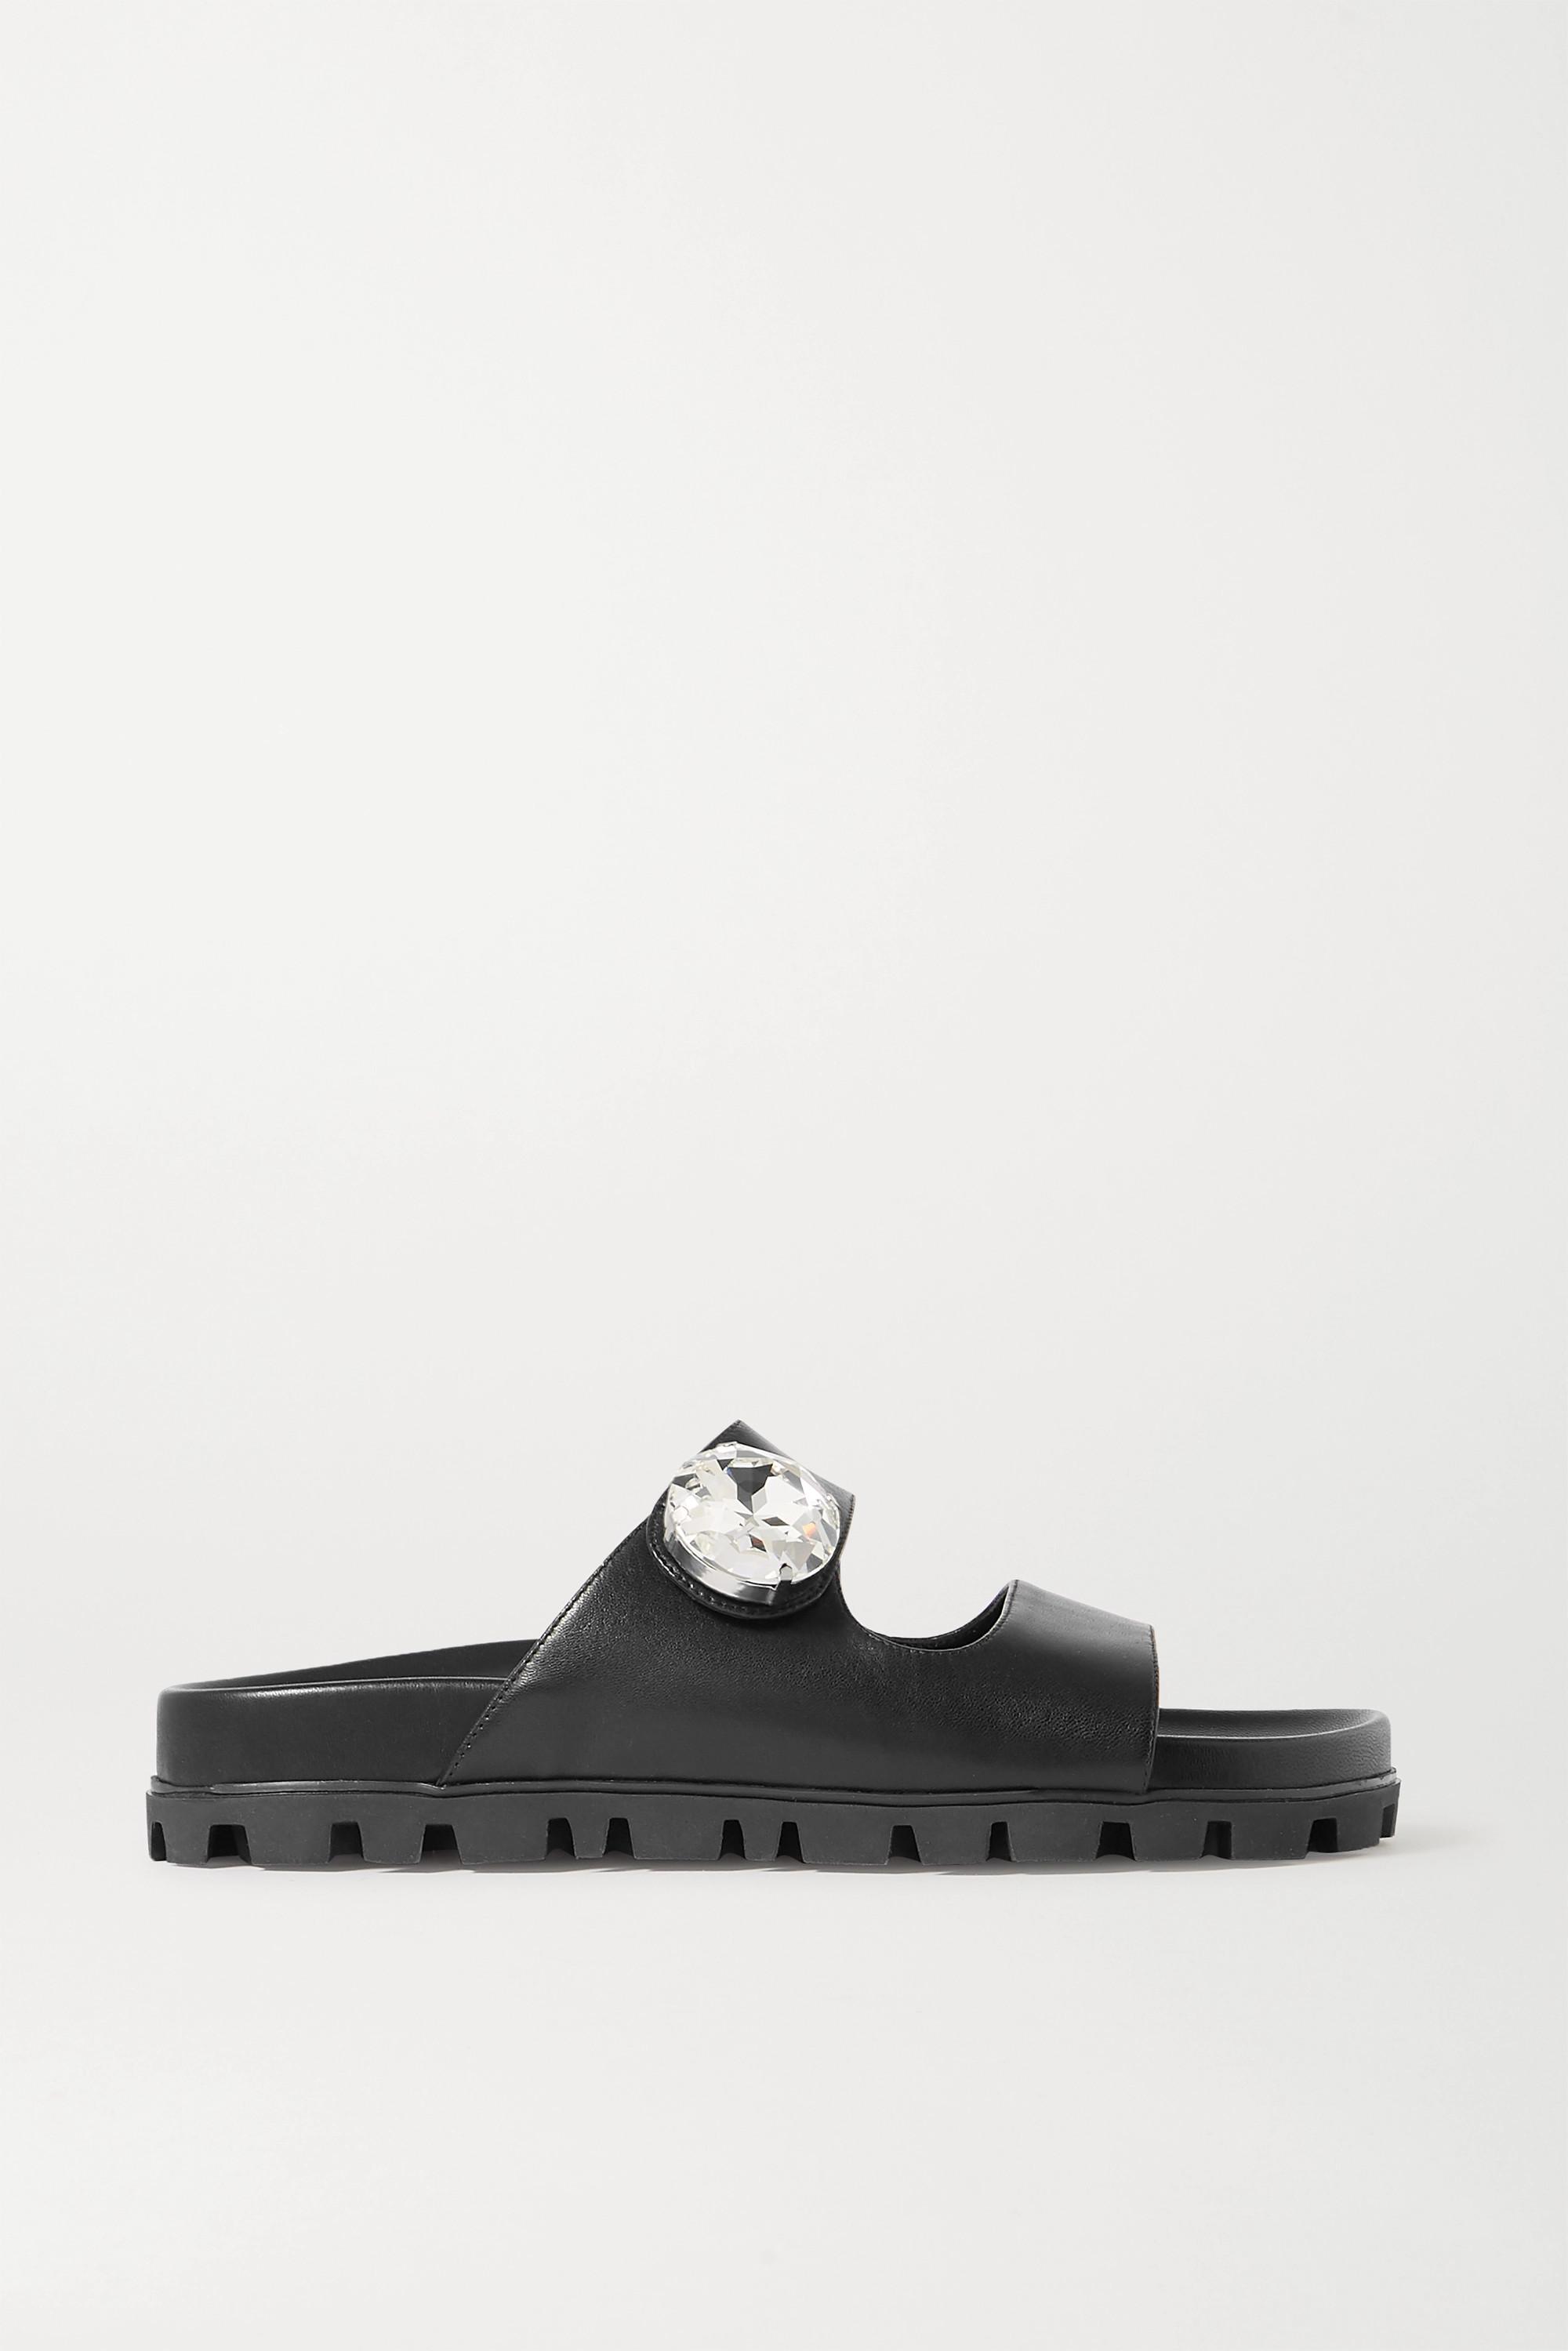 Miu Miu Crystal-embellished leather slides